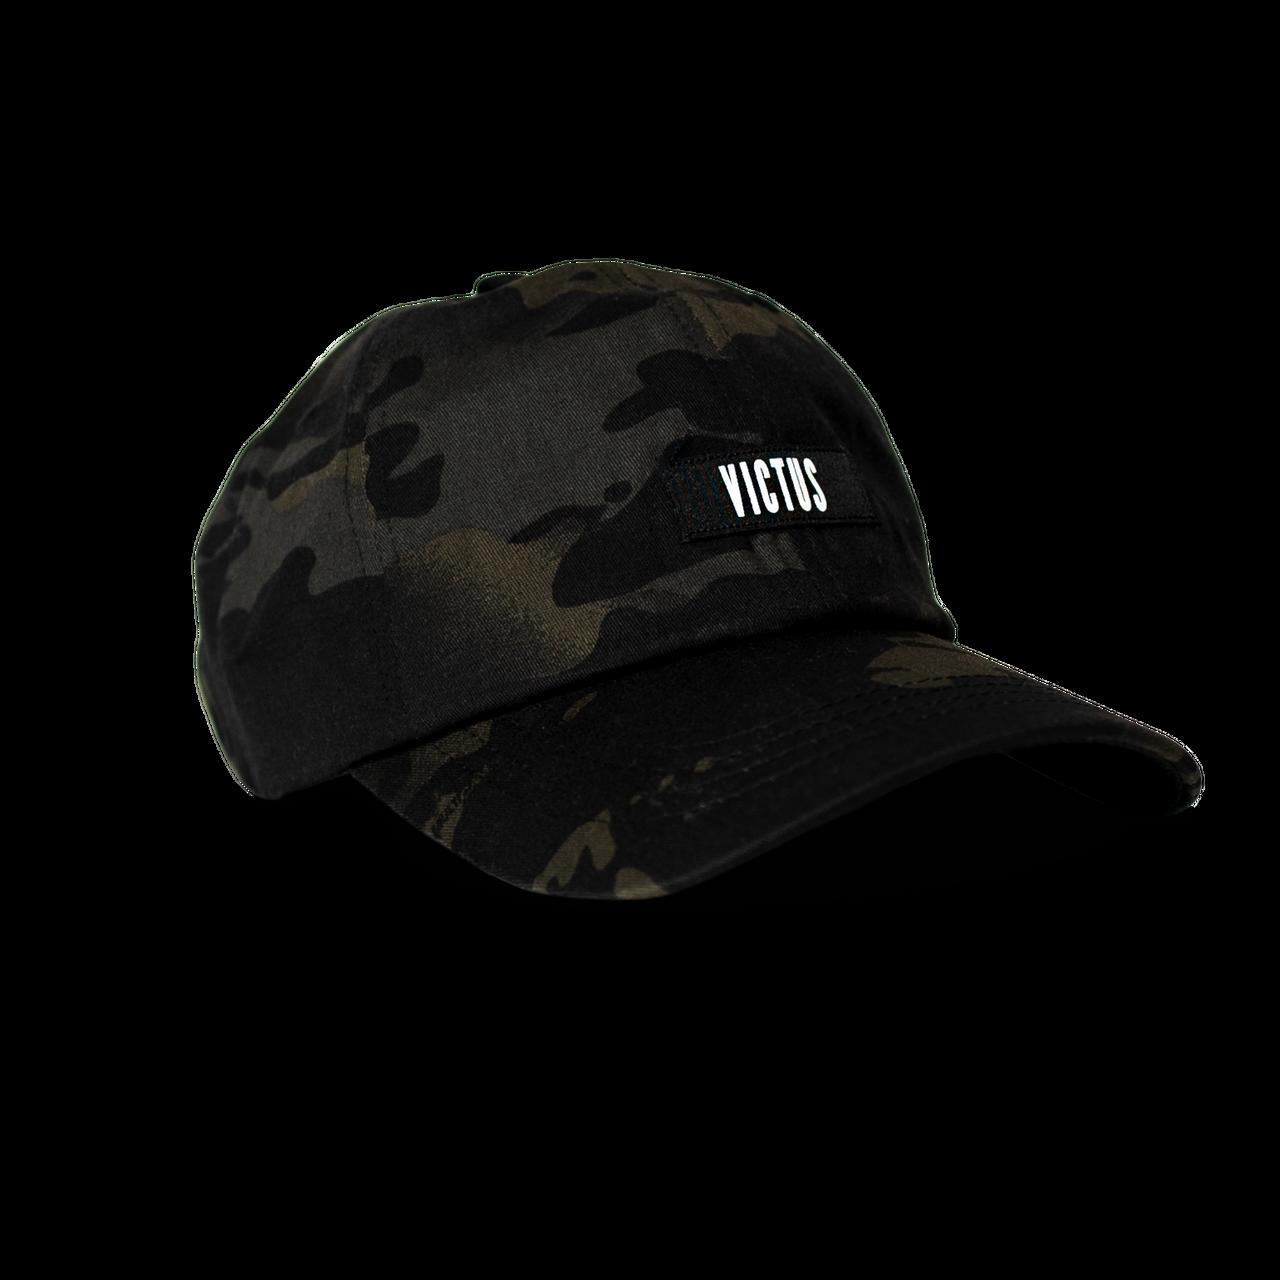 Victus Adjustable Black Camo Hat